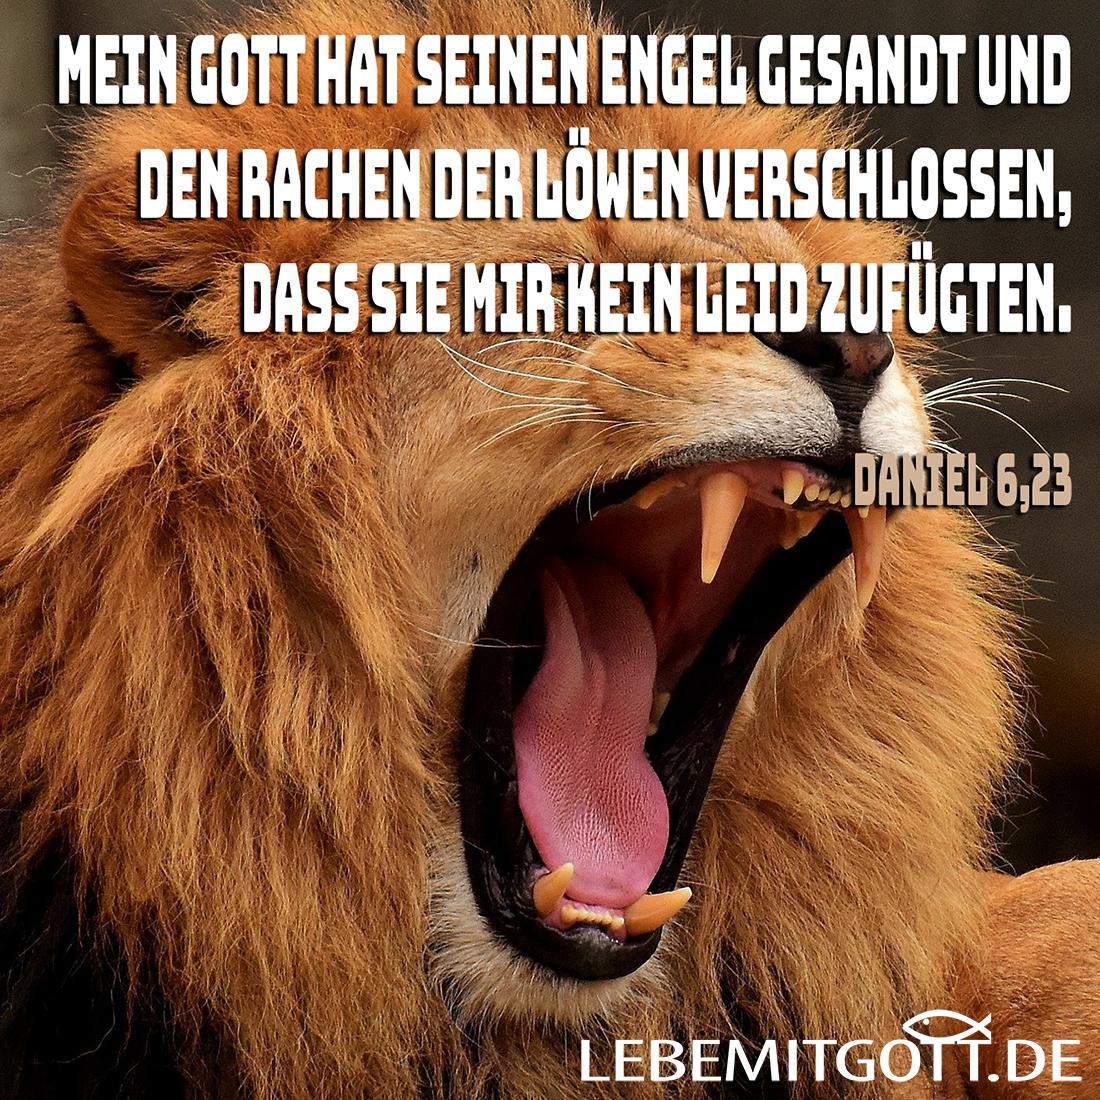 Rachen der Löwen